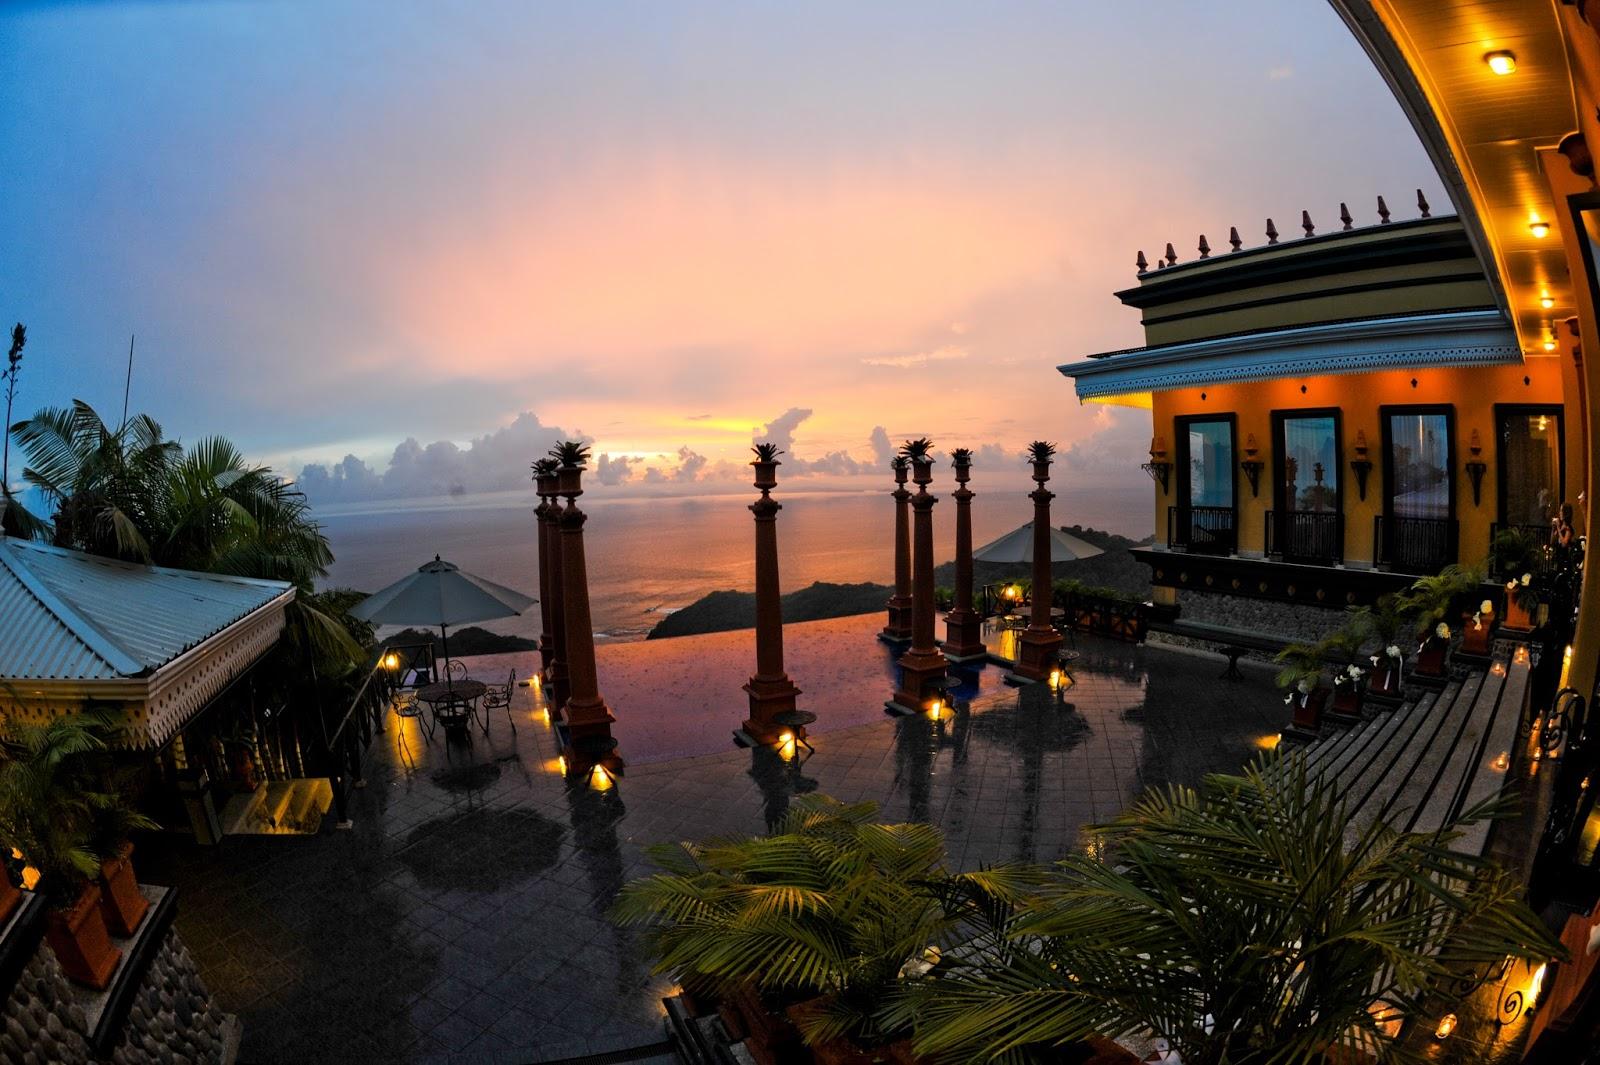 Zephyr Palace Del Hotel Villa Caletas En Costa Rica